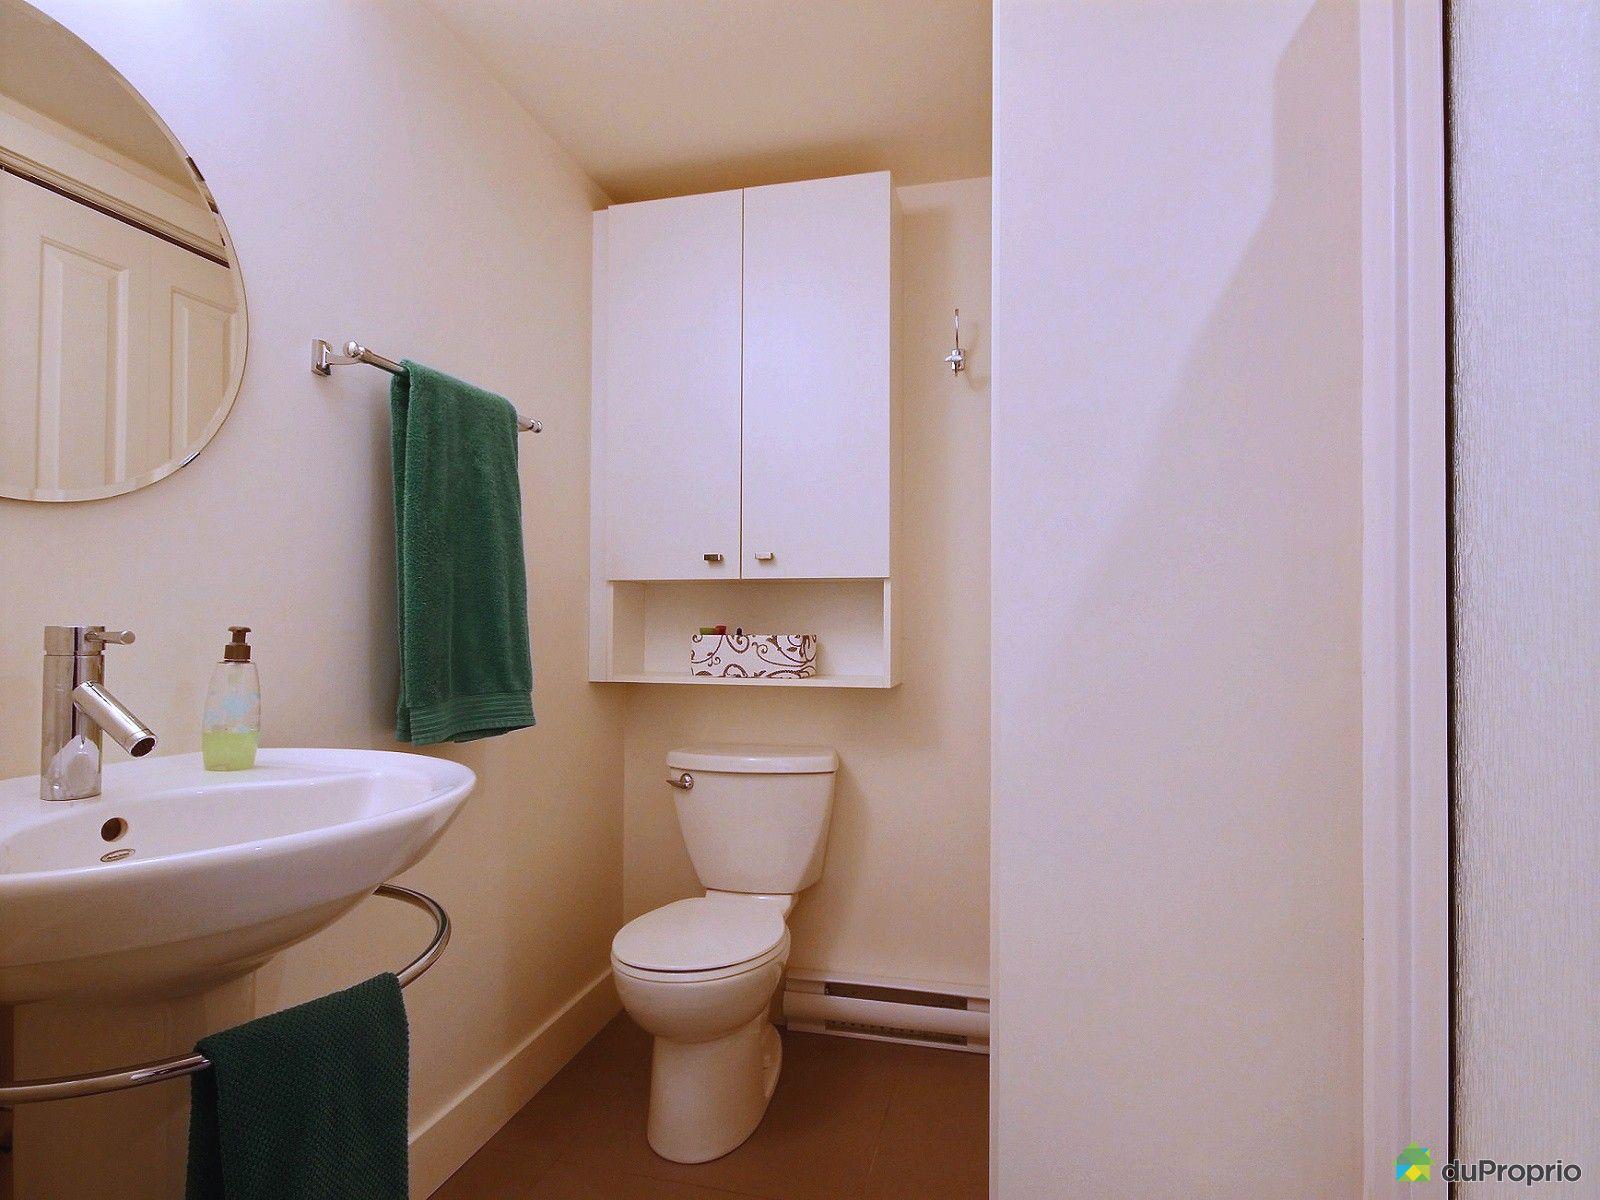 Maison vendre ste foy 3920 avenue des compagnons for Salle de bain commune a deux chambres